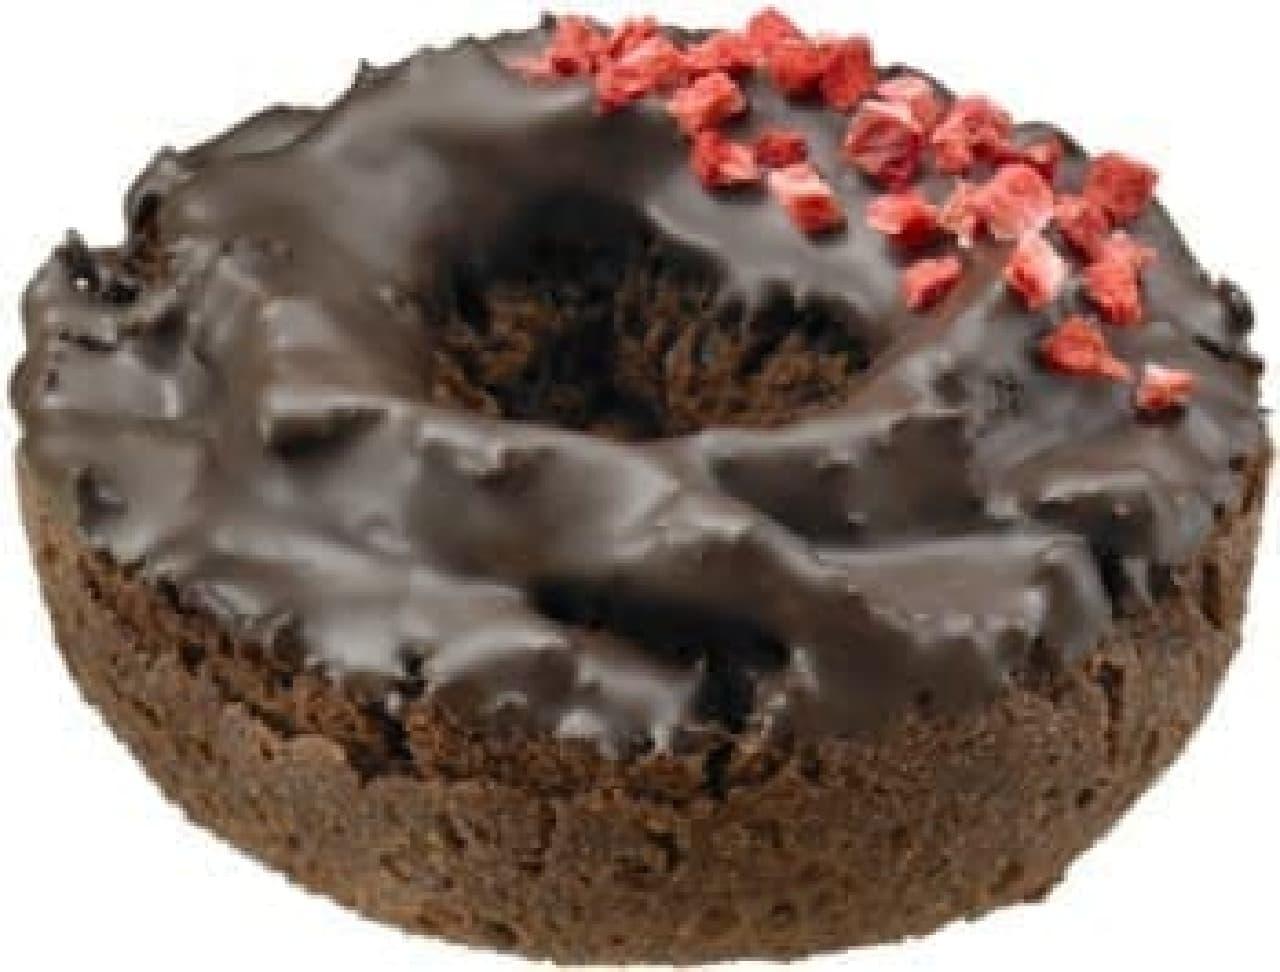 ダズン限定「チョコレート ケーキ&ストロベリー」